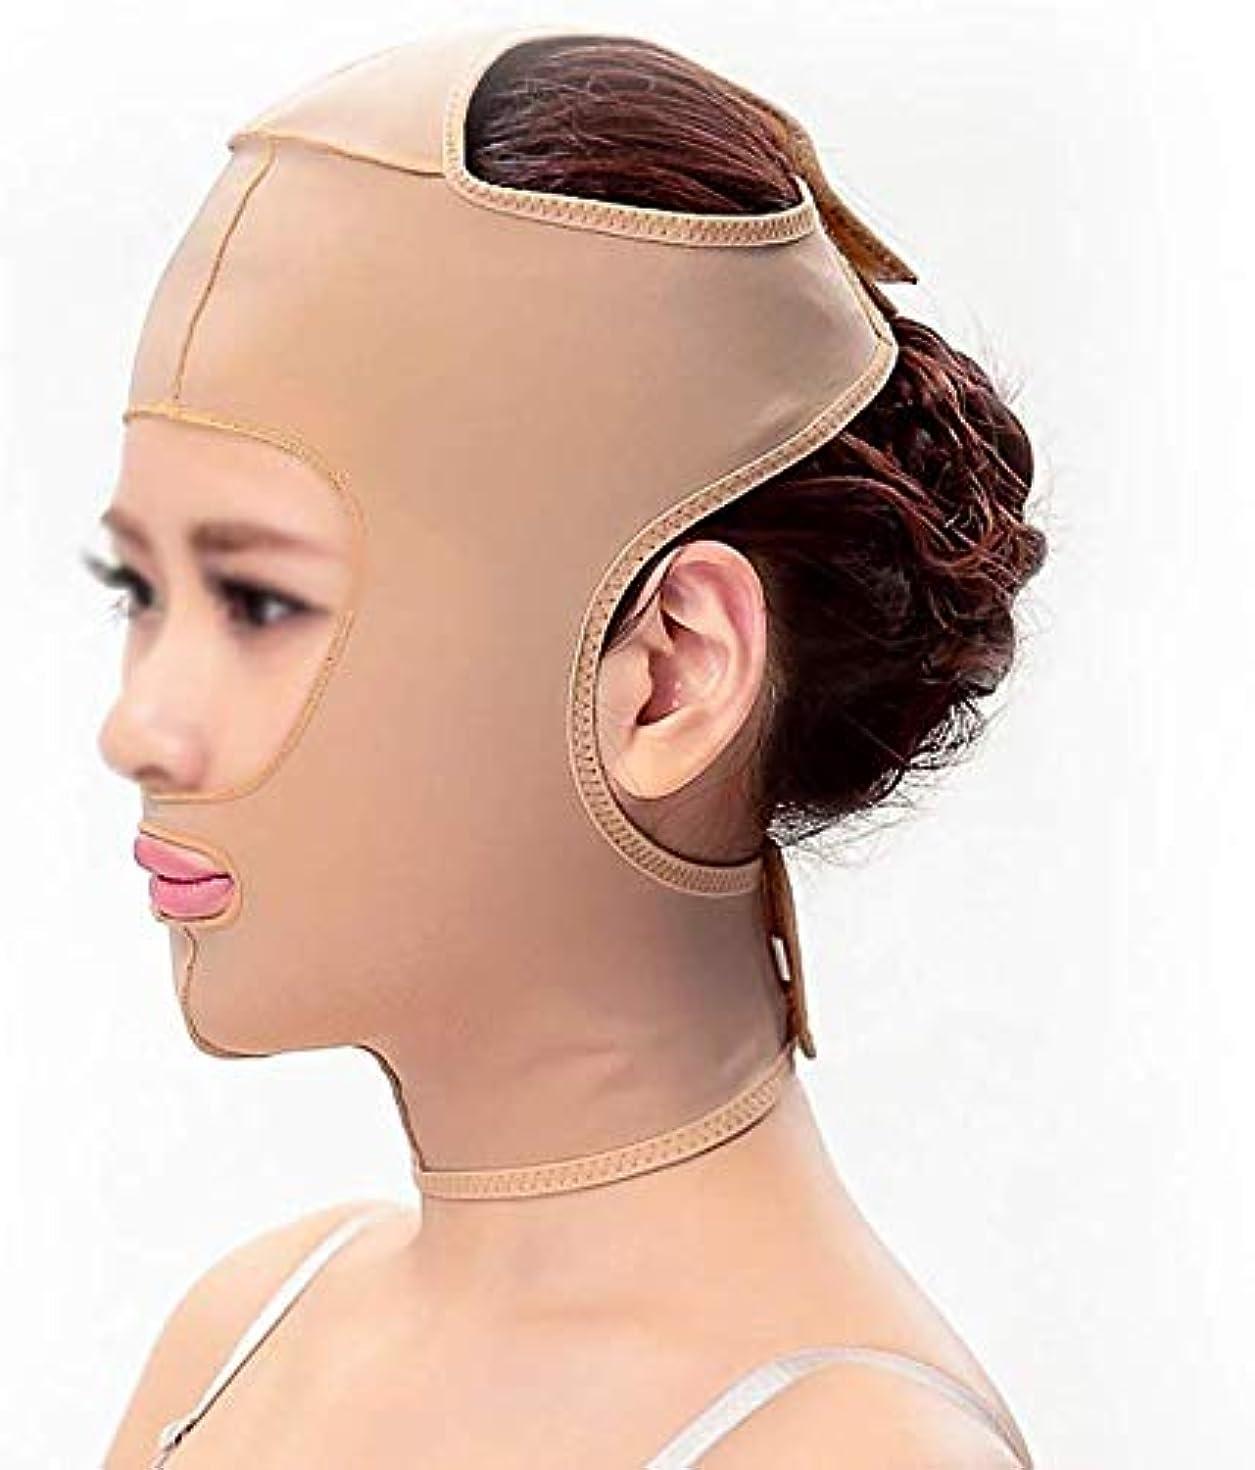 検査官クラウドなしで美と実用的なSlim身ベルト、フェイシャルマスク薄い布マスクを布パターンを持ち上げるダブルあごを引き締め顔のプラスチック製の顔アーティファクト強力な顔の包帯(サイズ:S)